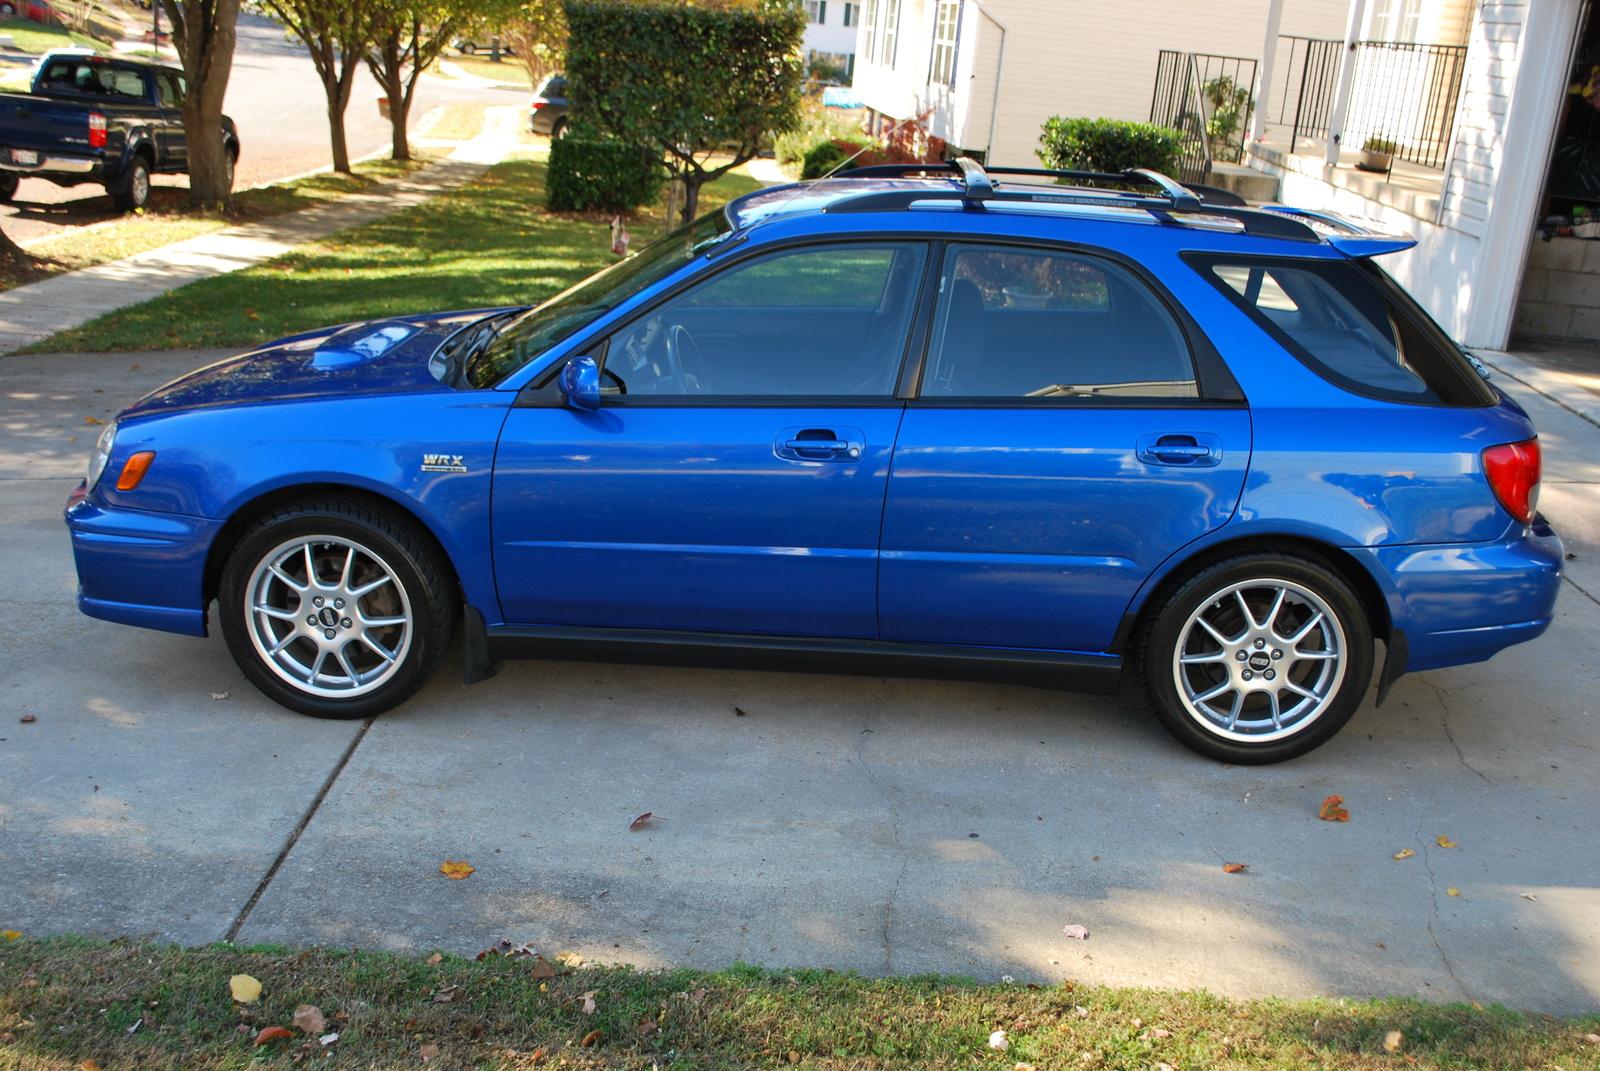 djronalds-subaru-wrx-wagon-02 | Subaru wrx wagon, Wrx ... |2003 Impreza Wrx Wagon Stanced